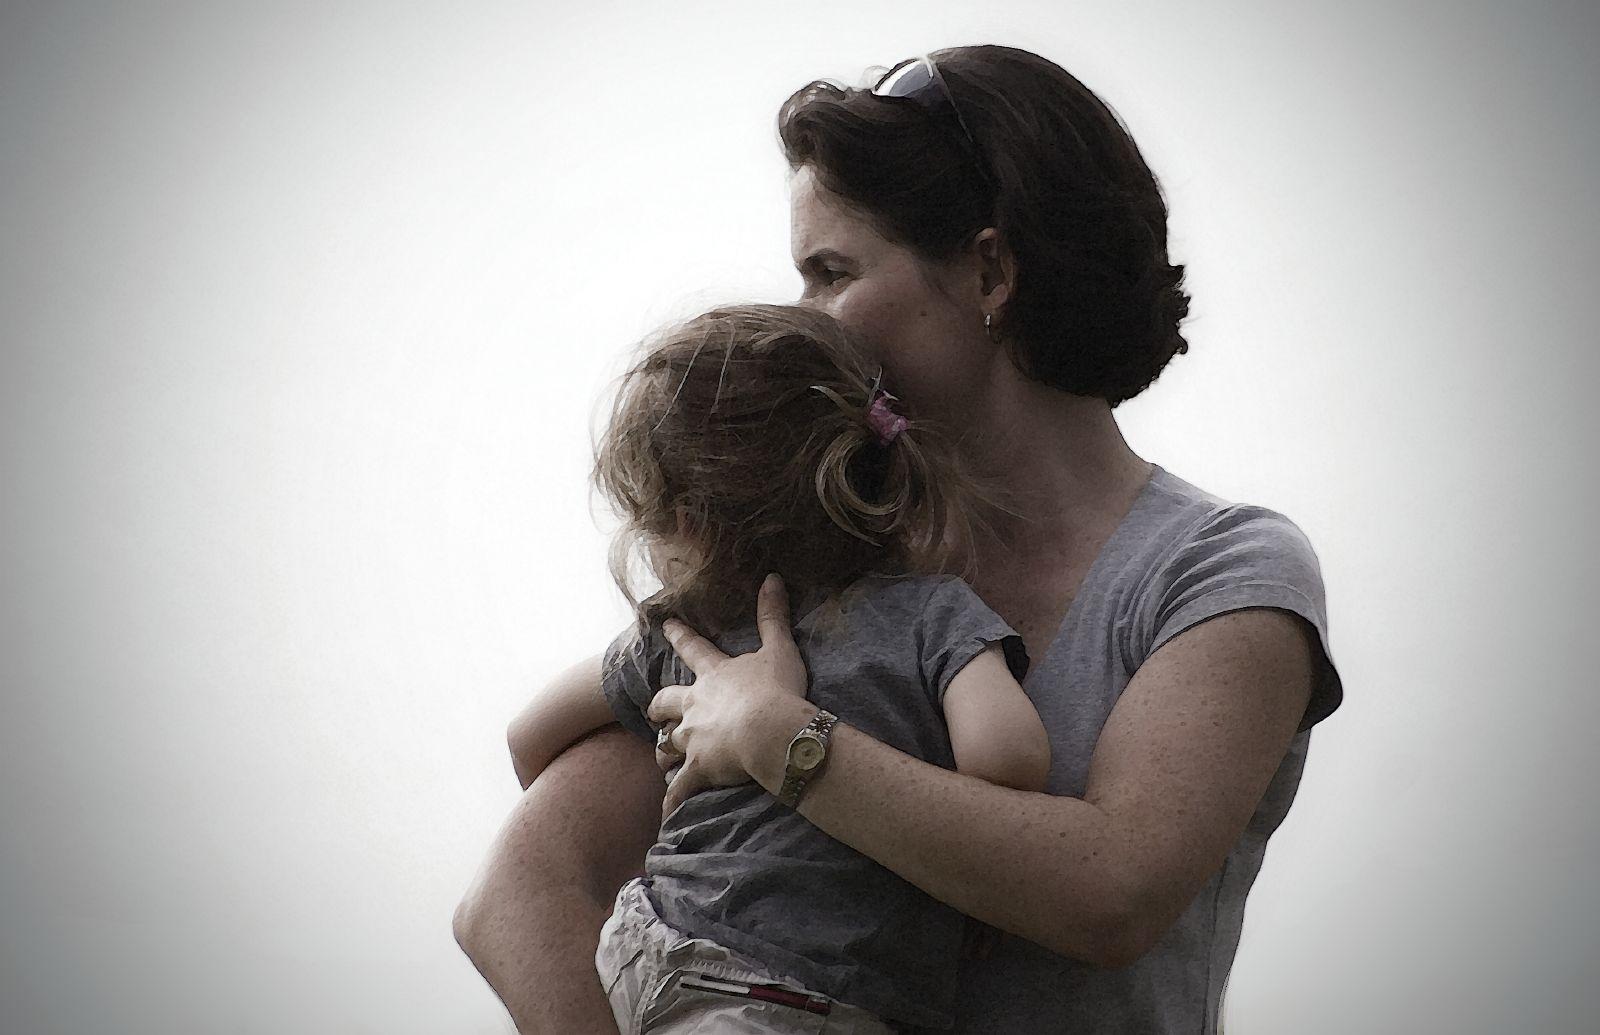 усыновление ребенка одинокой матери хотелось